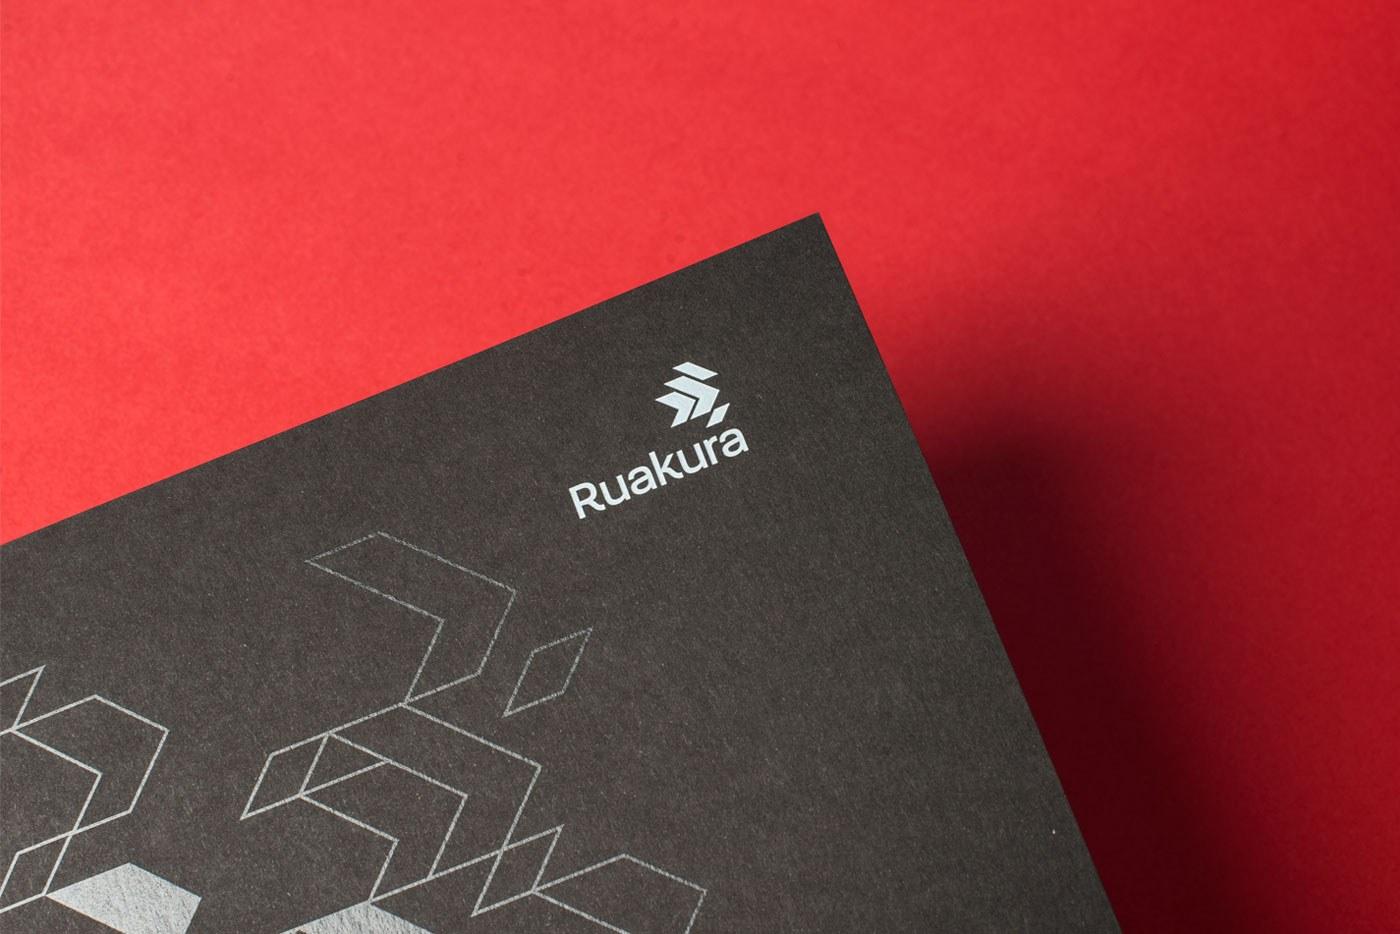 Ruakura Logisticsbrochure 2 Web